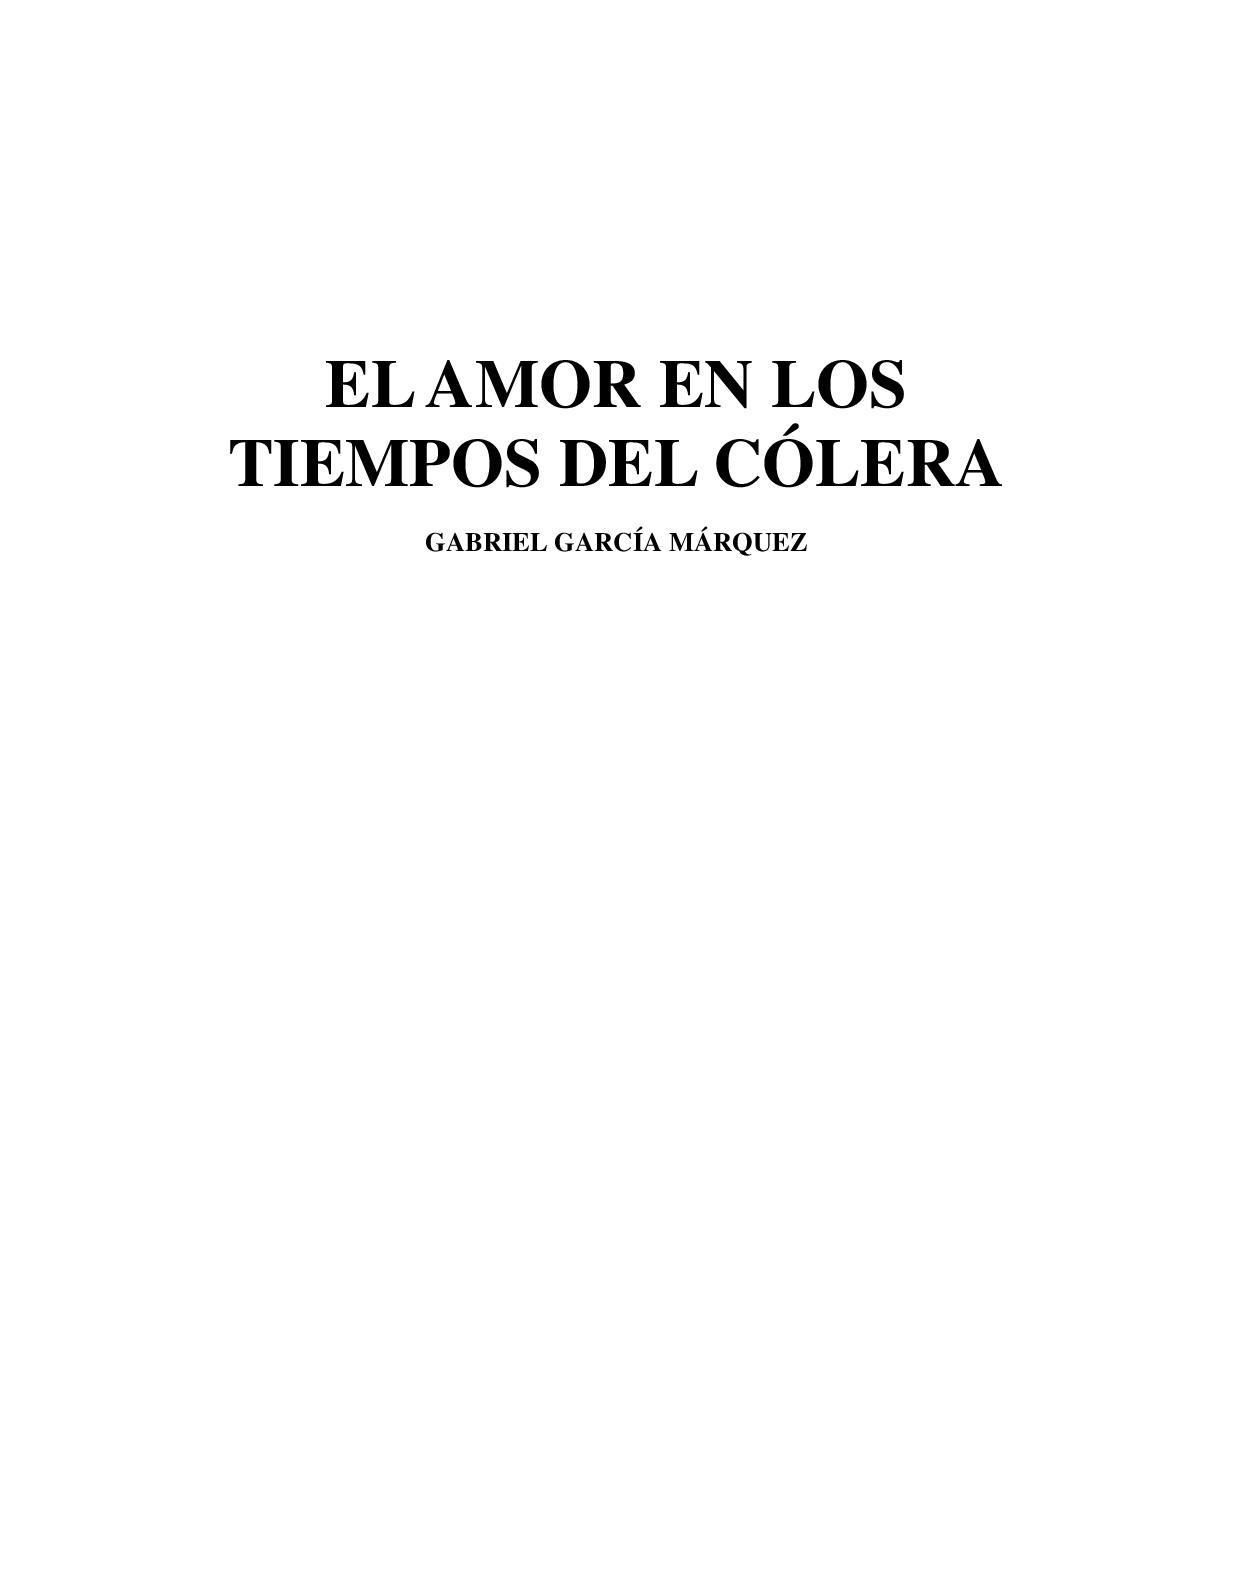 Amante Loba Y Vampira 2 calaméo - colera